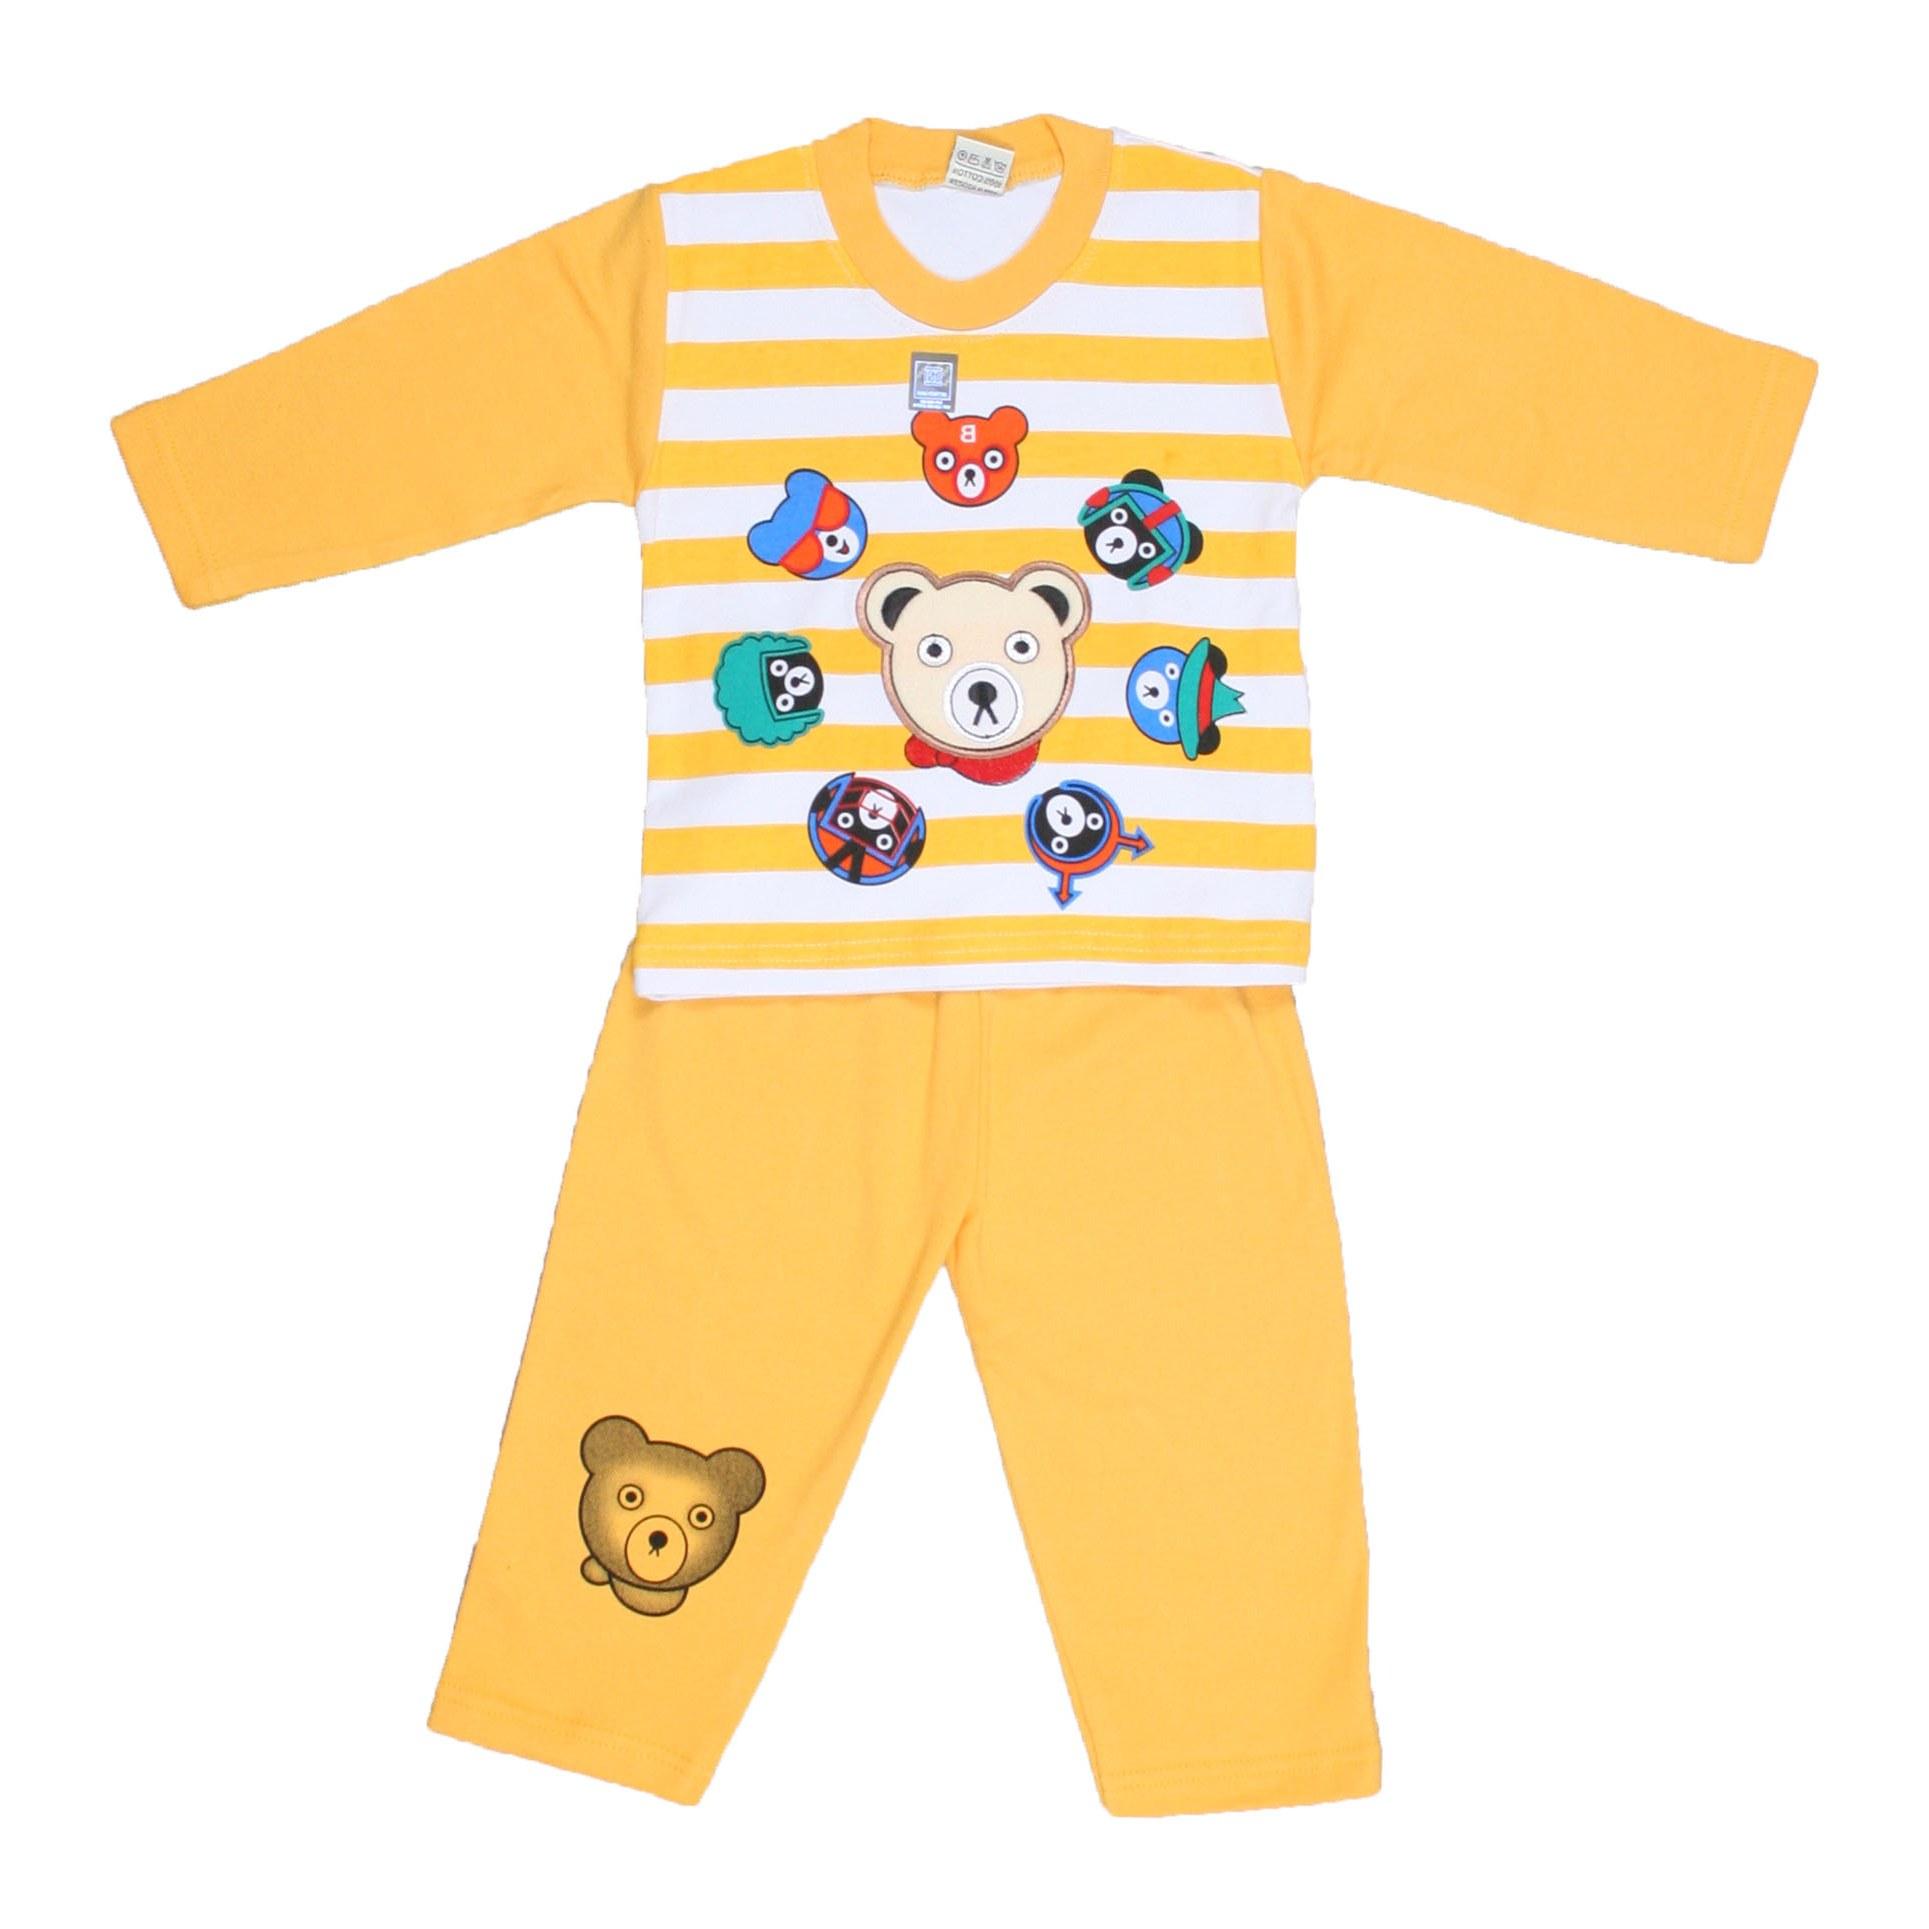 Bentuk Baju Lebaran Anak Laki Laki 2018 Tqd3 Pakaian Tidur